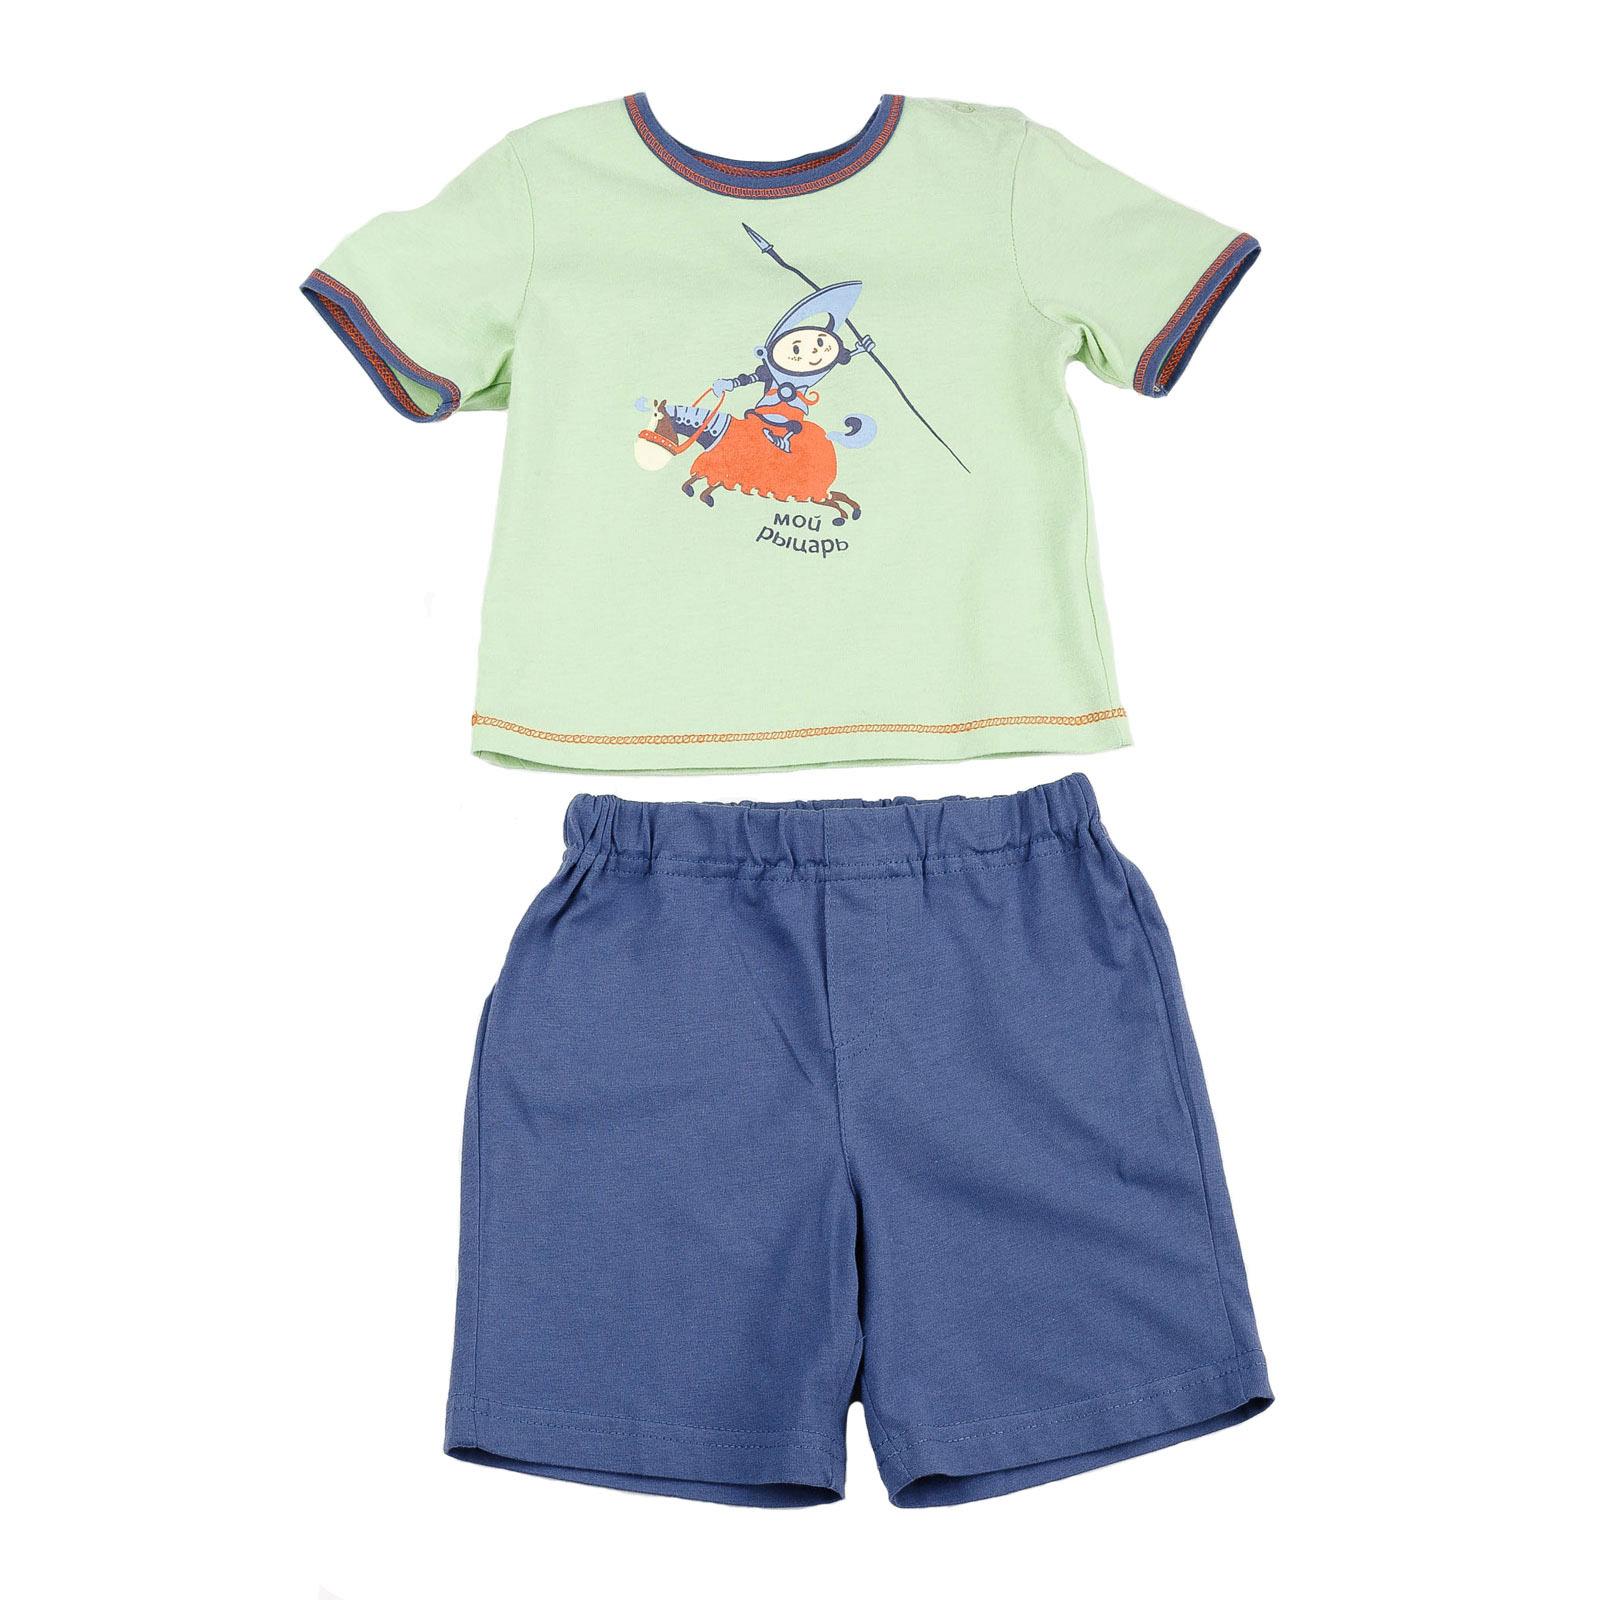 Комплект Veneya Венейя (футболка+шорты) для мальчика зеленый размер 86